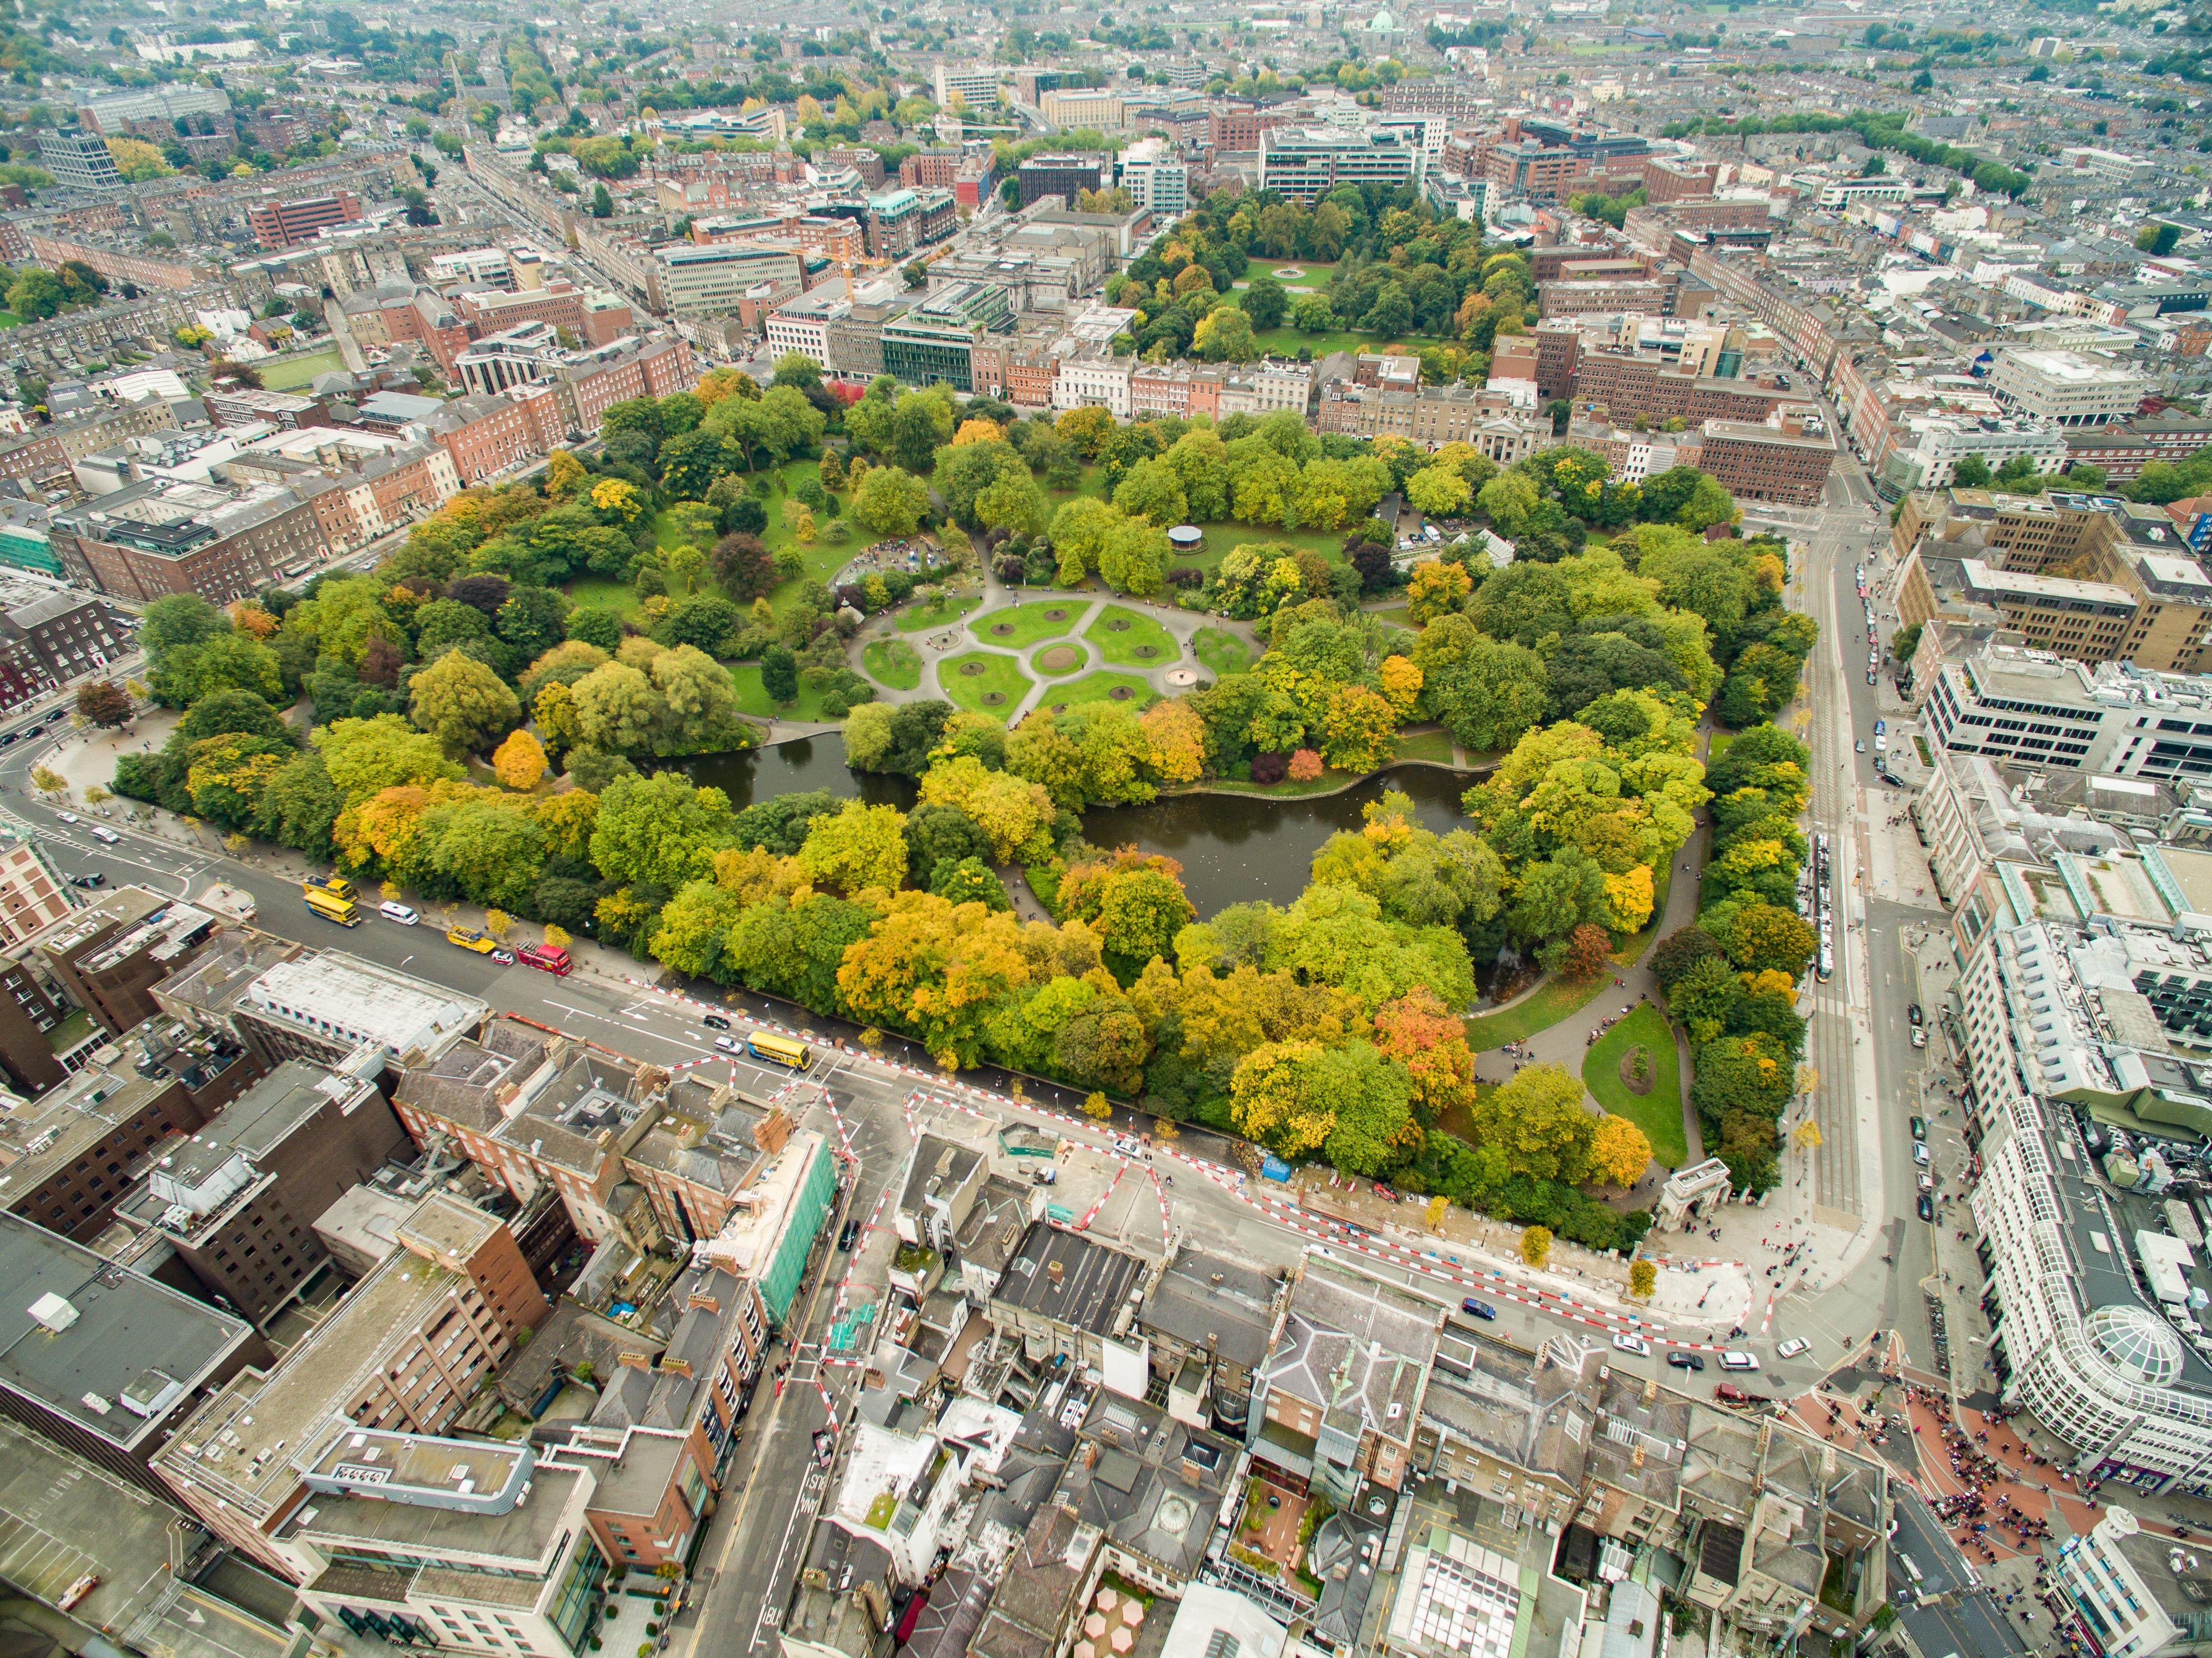 File:Park in Dublin St Stephen's Green Luftbild (21516321184).jpg -  Wikimedia Commons